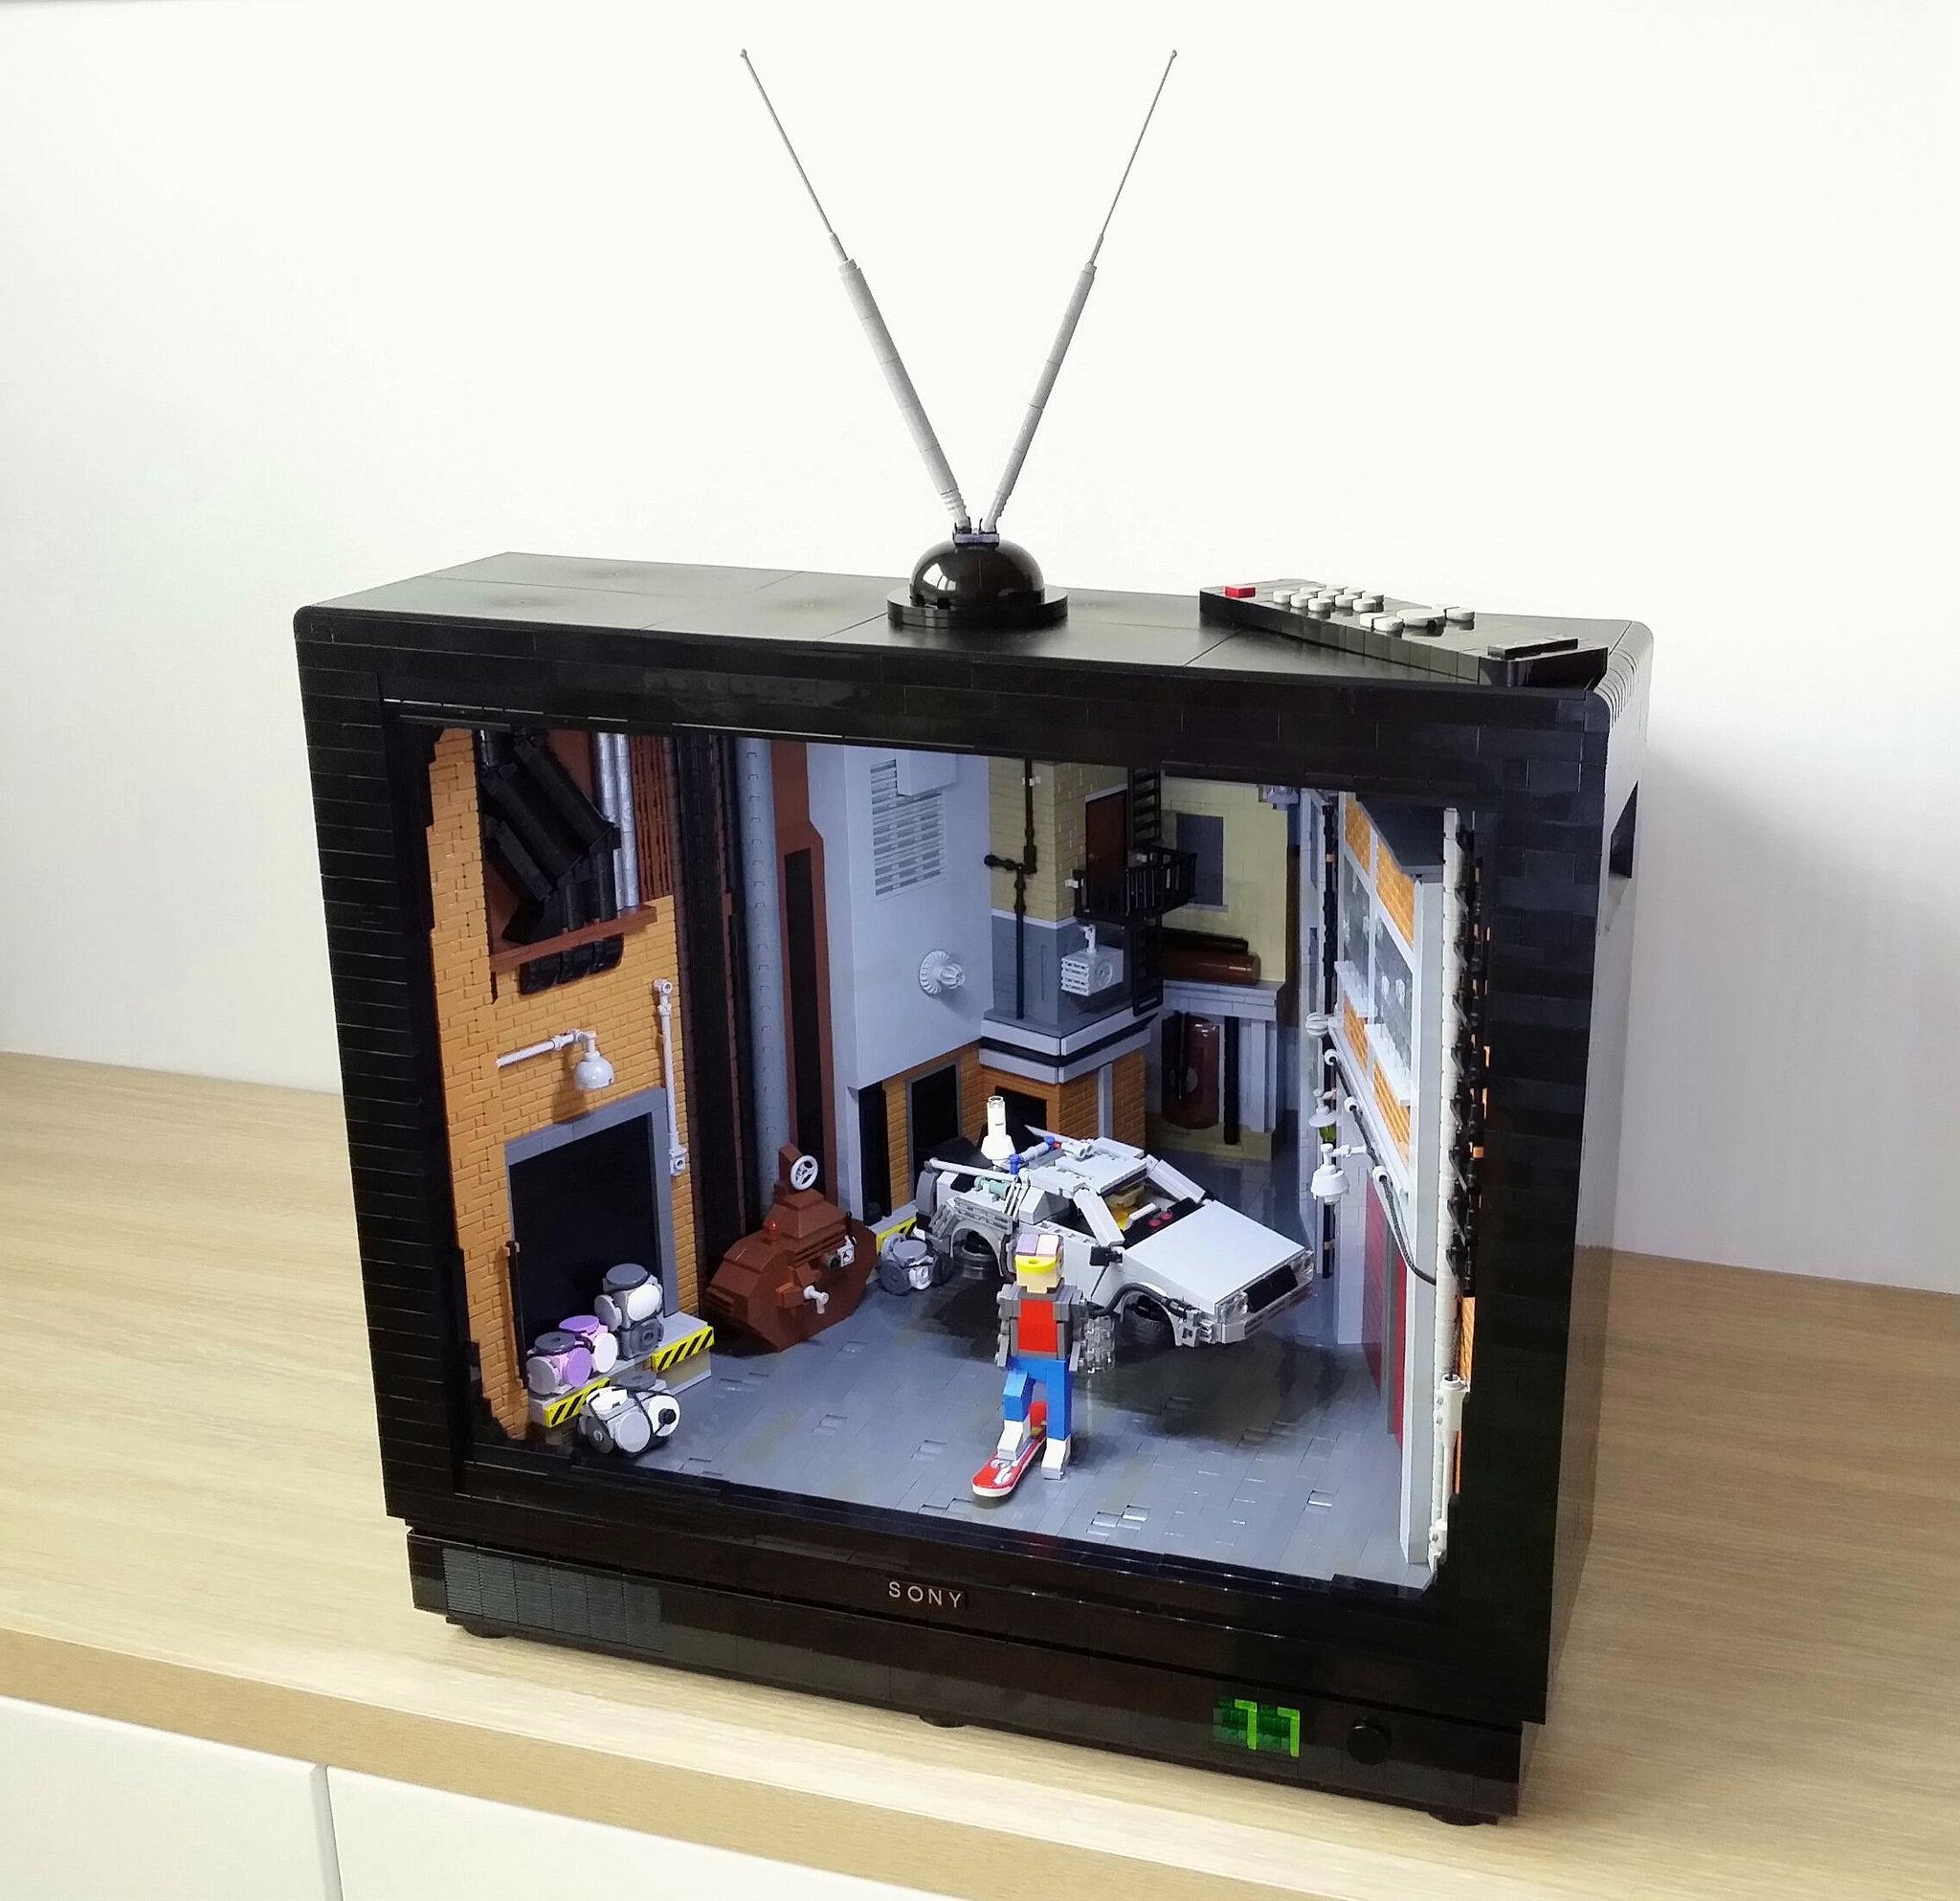 La TV anni 80 fatta in Lego di Primoz Mlakar